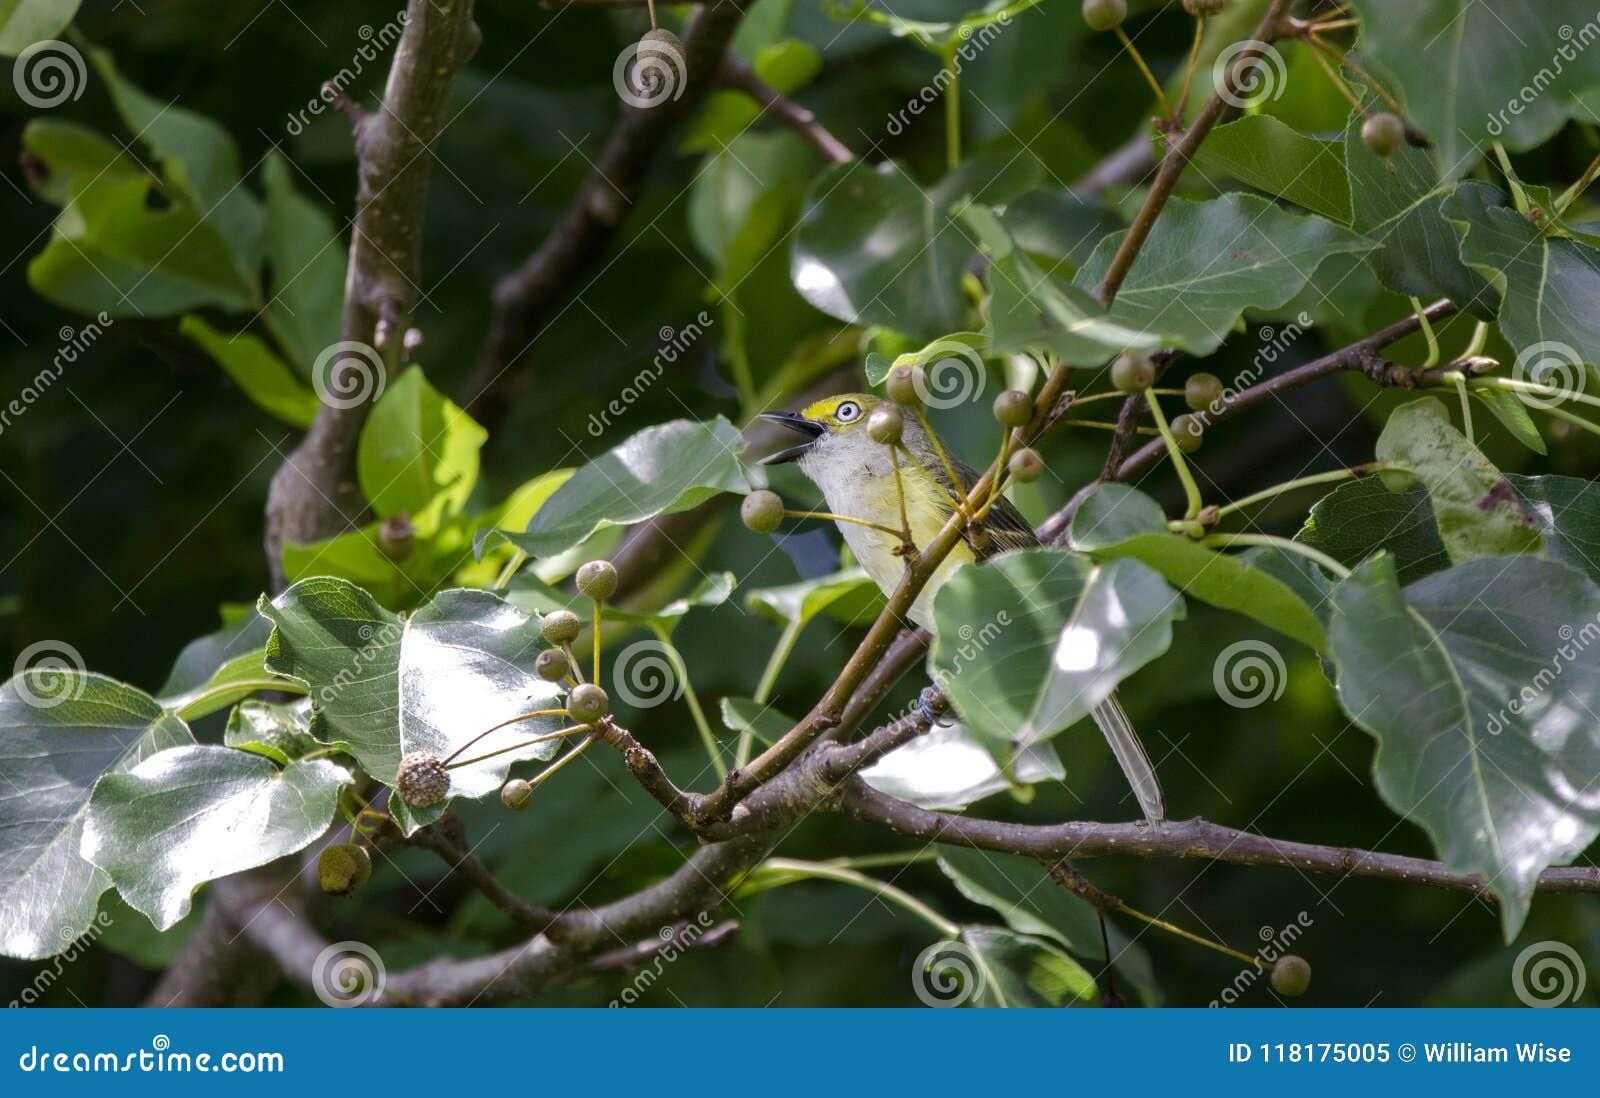 唱歌在布雷得佛洋梨树,乔治亚美国的白目的捕虫鸣鸟歌手